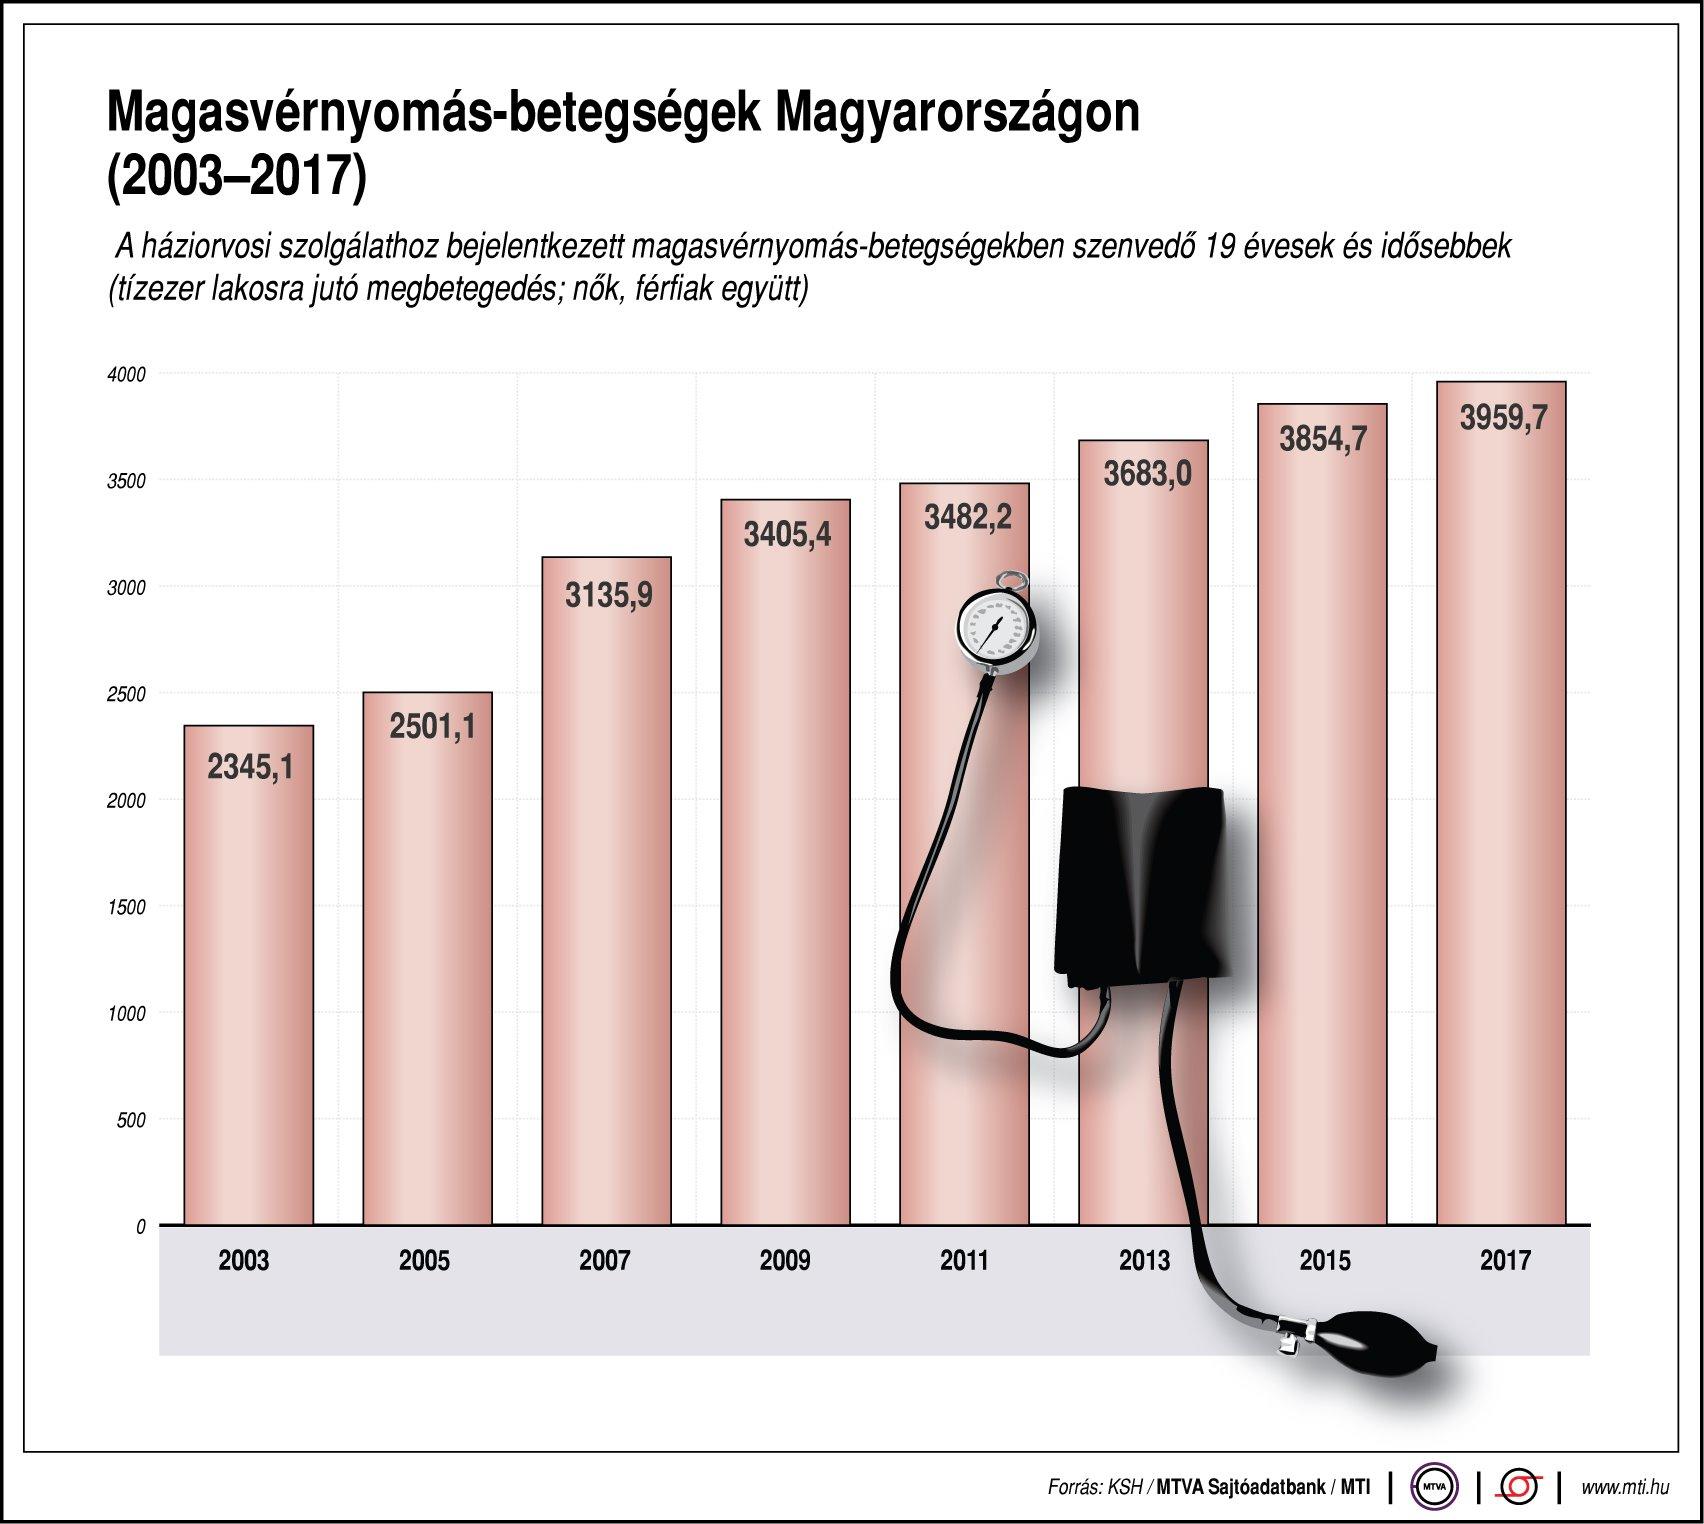 krónikus veseelégtelenség magas vérnyomással celandin alkoholos tinktúra magas vérnyomás ellen